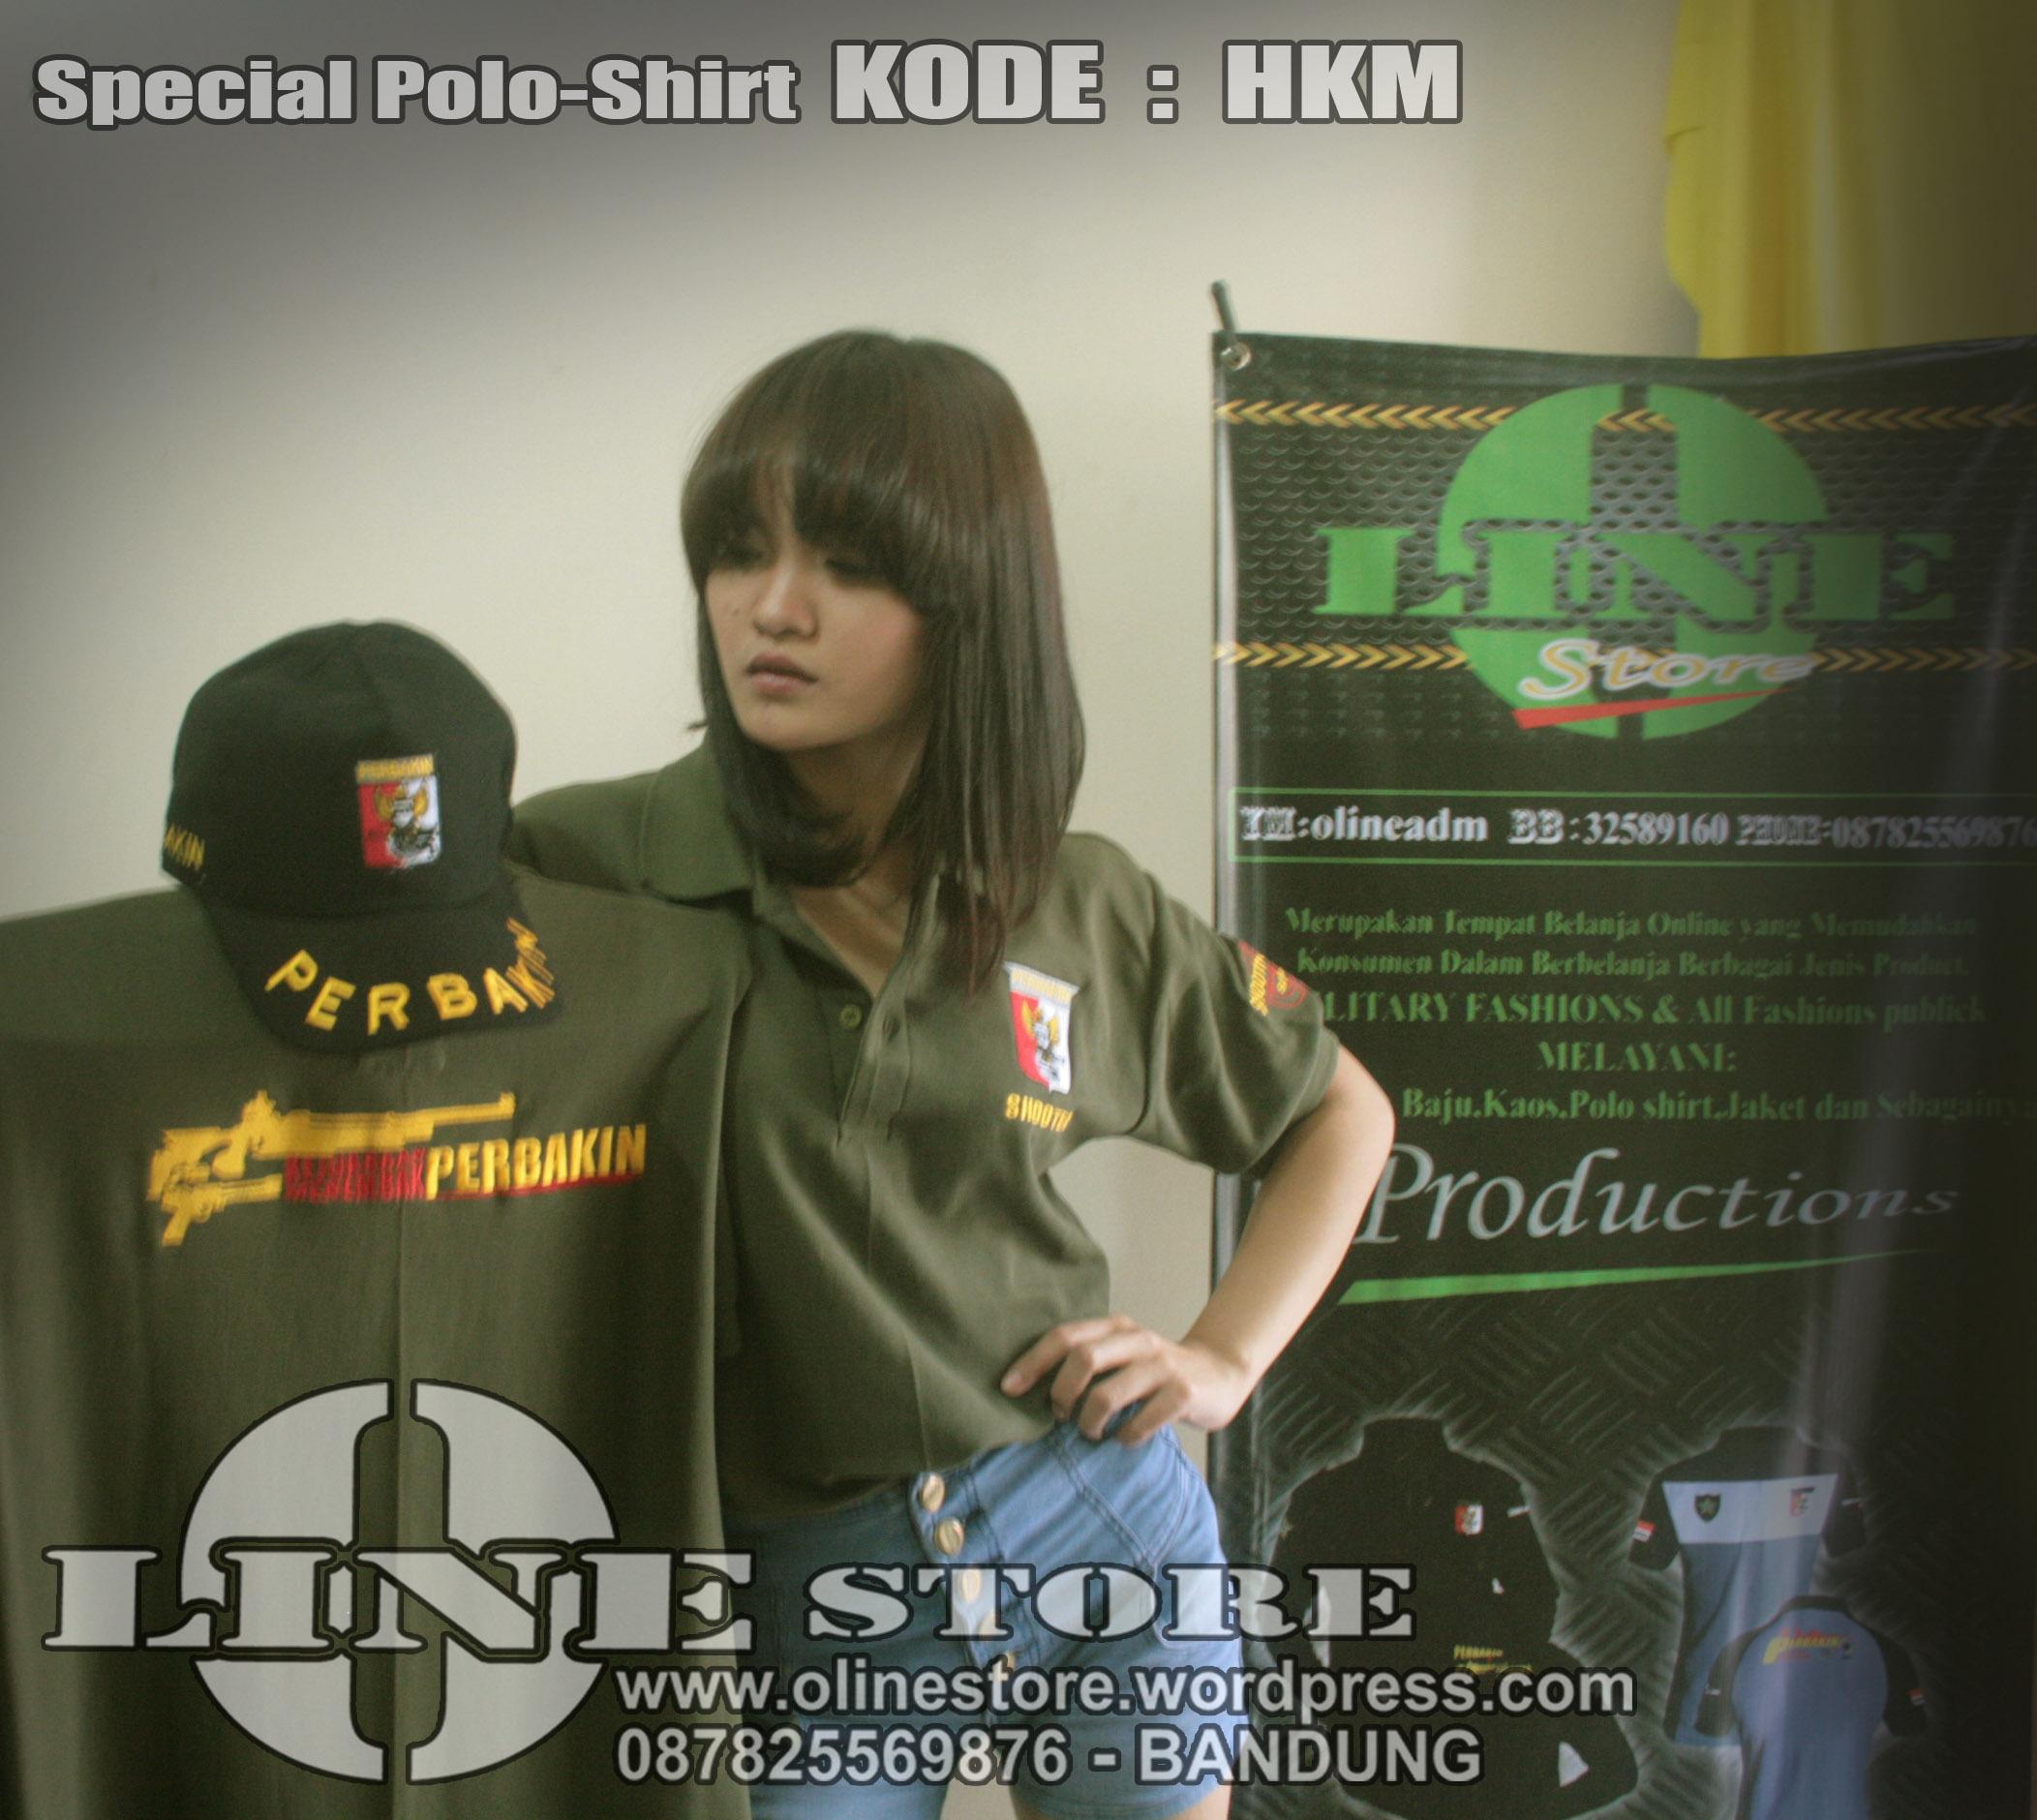 Jual Baju Perbakin Tembak Reaksi Ipsc O Line Store Productions Kaos Polo Shirt Lengan Panjang Kemeja